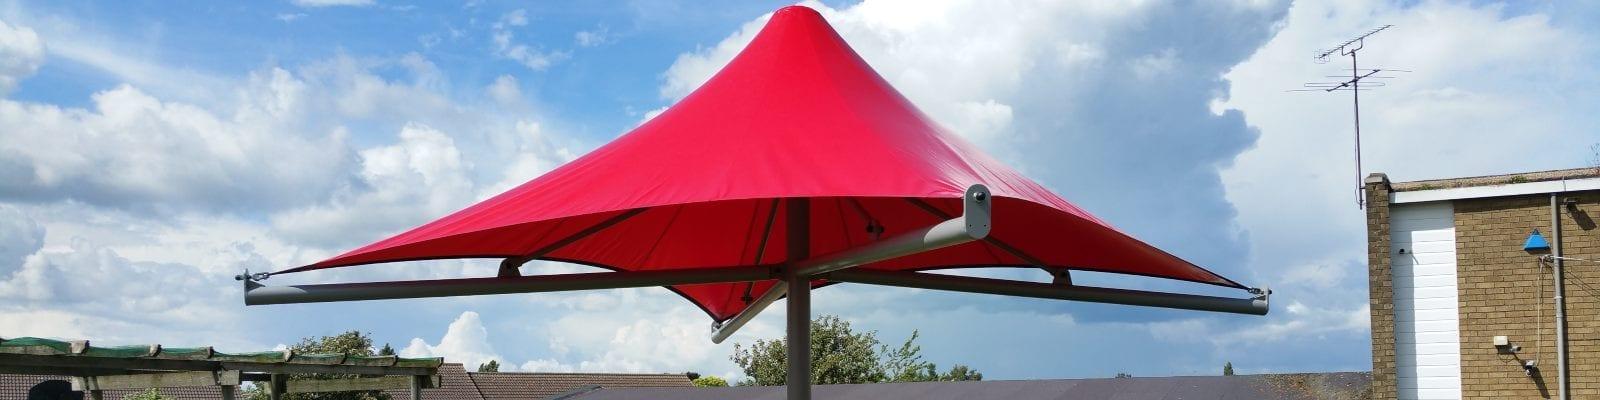 Umbrella canopy we designed for Someries Junior School